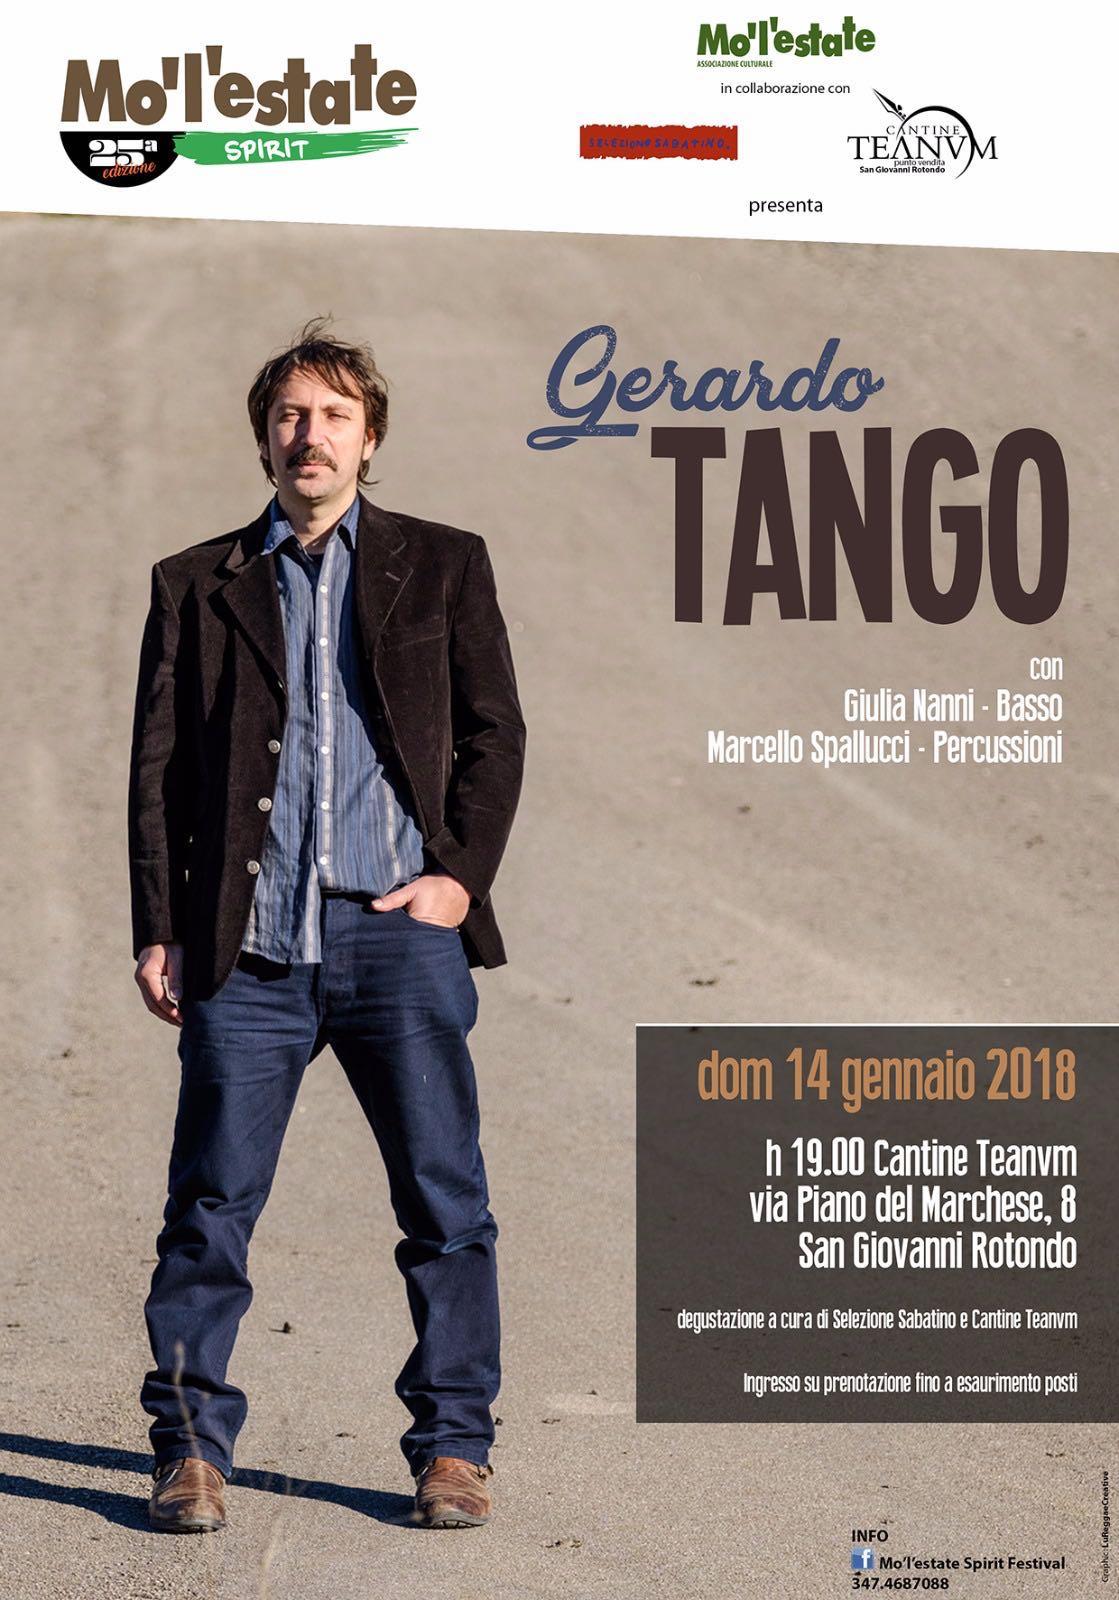 MO'L'ESTATE SPIRIT FESTIVAL apre la XXV edizione con Gerardo Tango